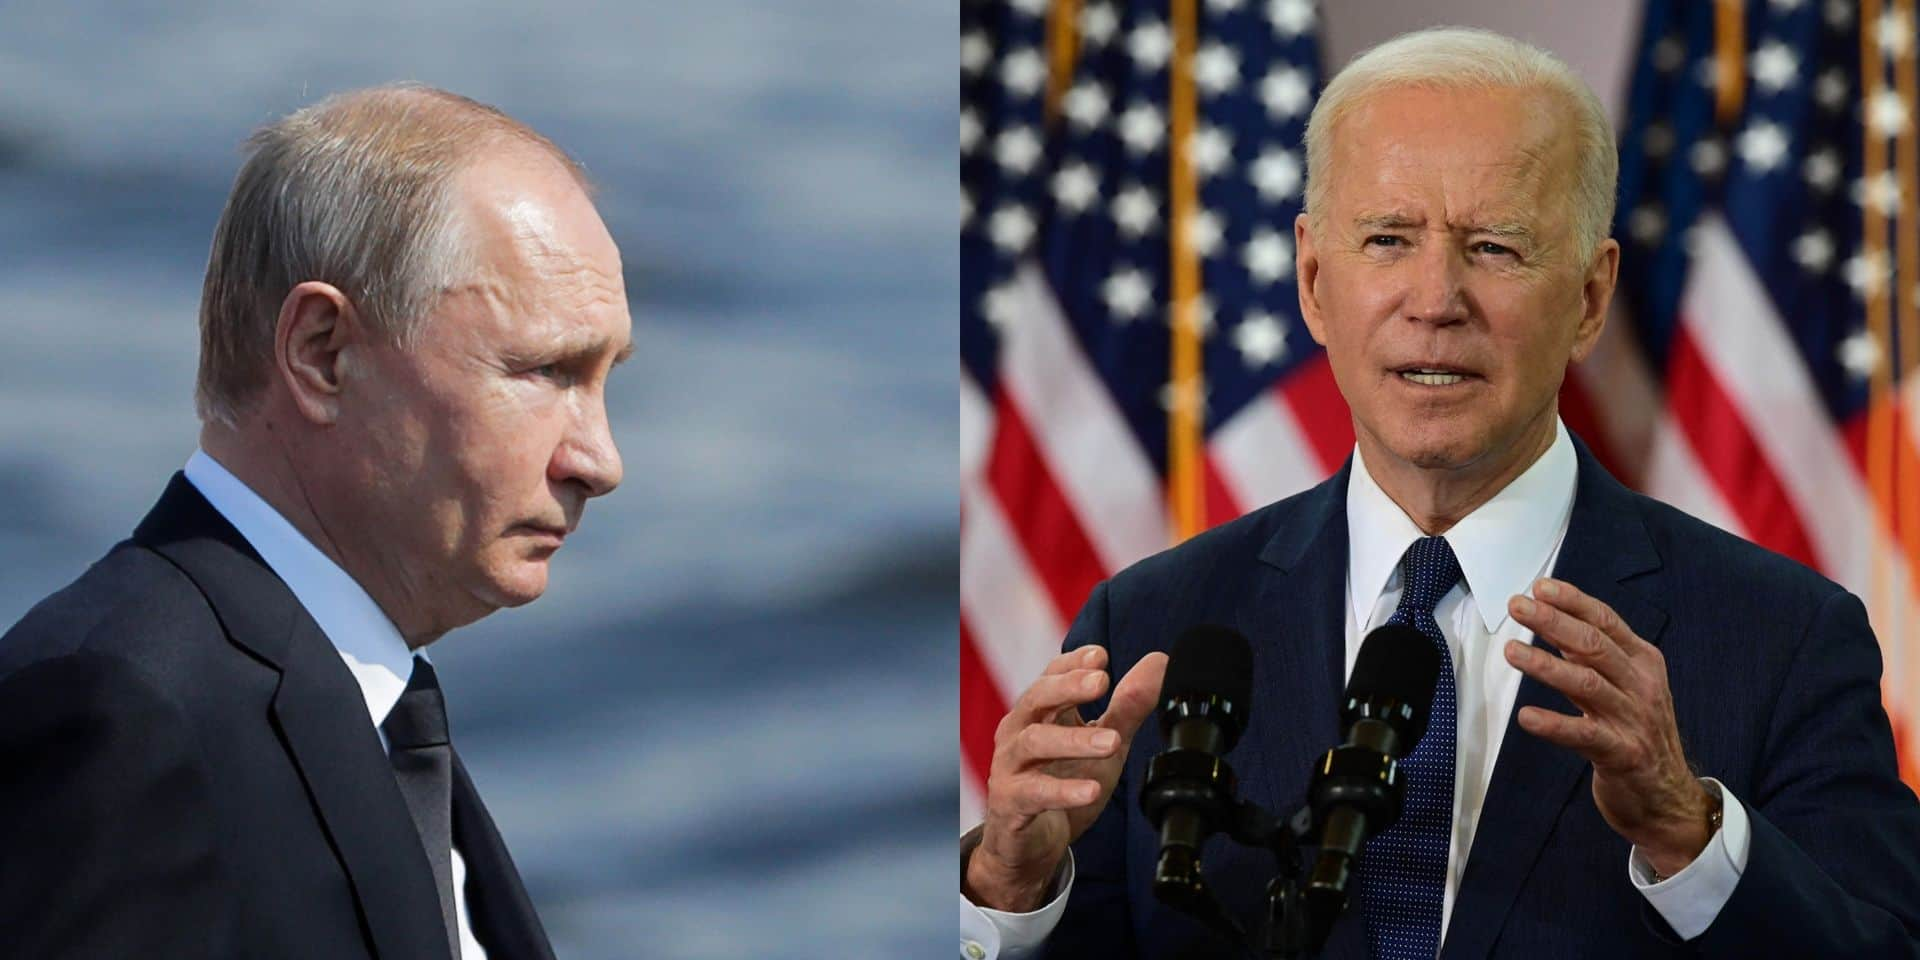 La Finlande et l'Autriche proposent d'accueillir un sommet Biden-Poutine